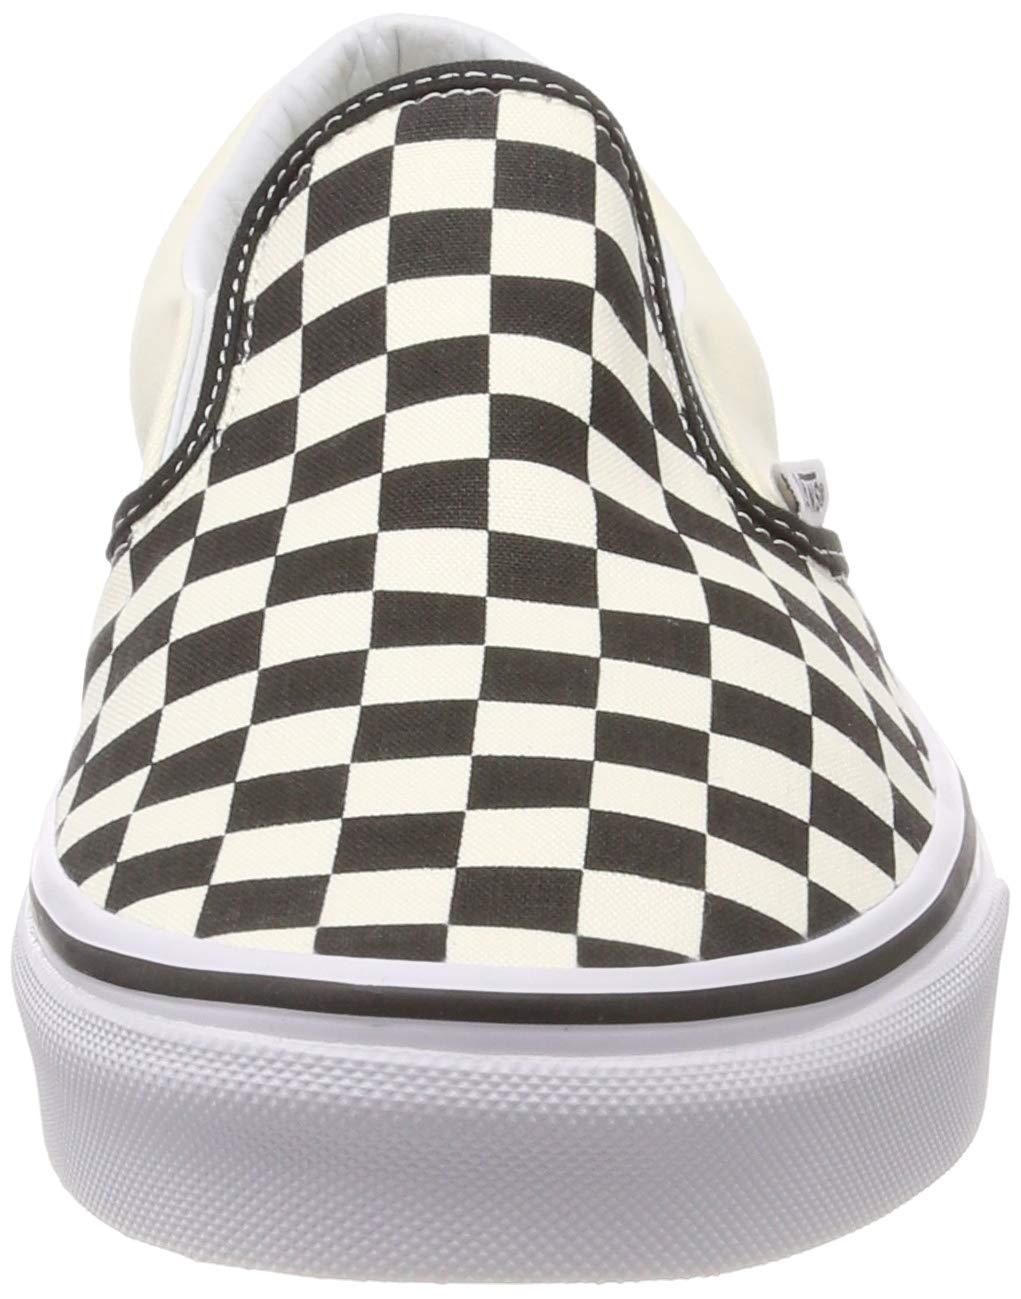 Vans Weiß AUTHENTIC, Unisex-Erwachsene Sneakers Schwarz, Weiß Vans (schwarz/Off Weiß Check) ef3c4d